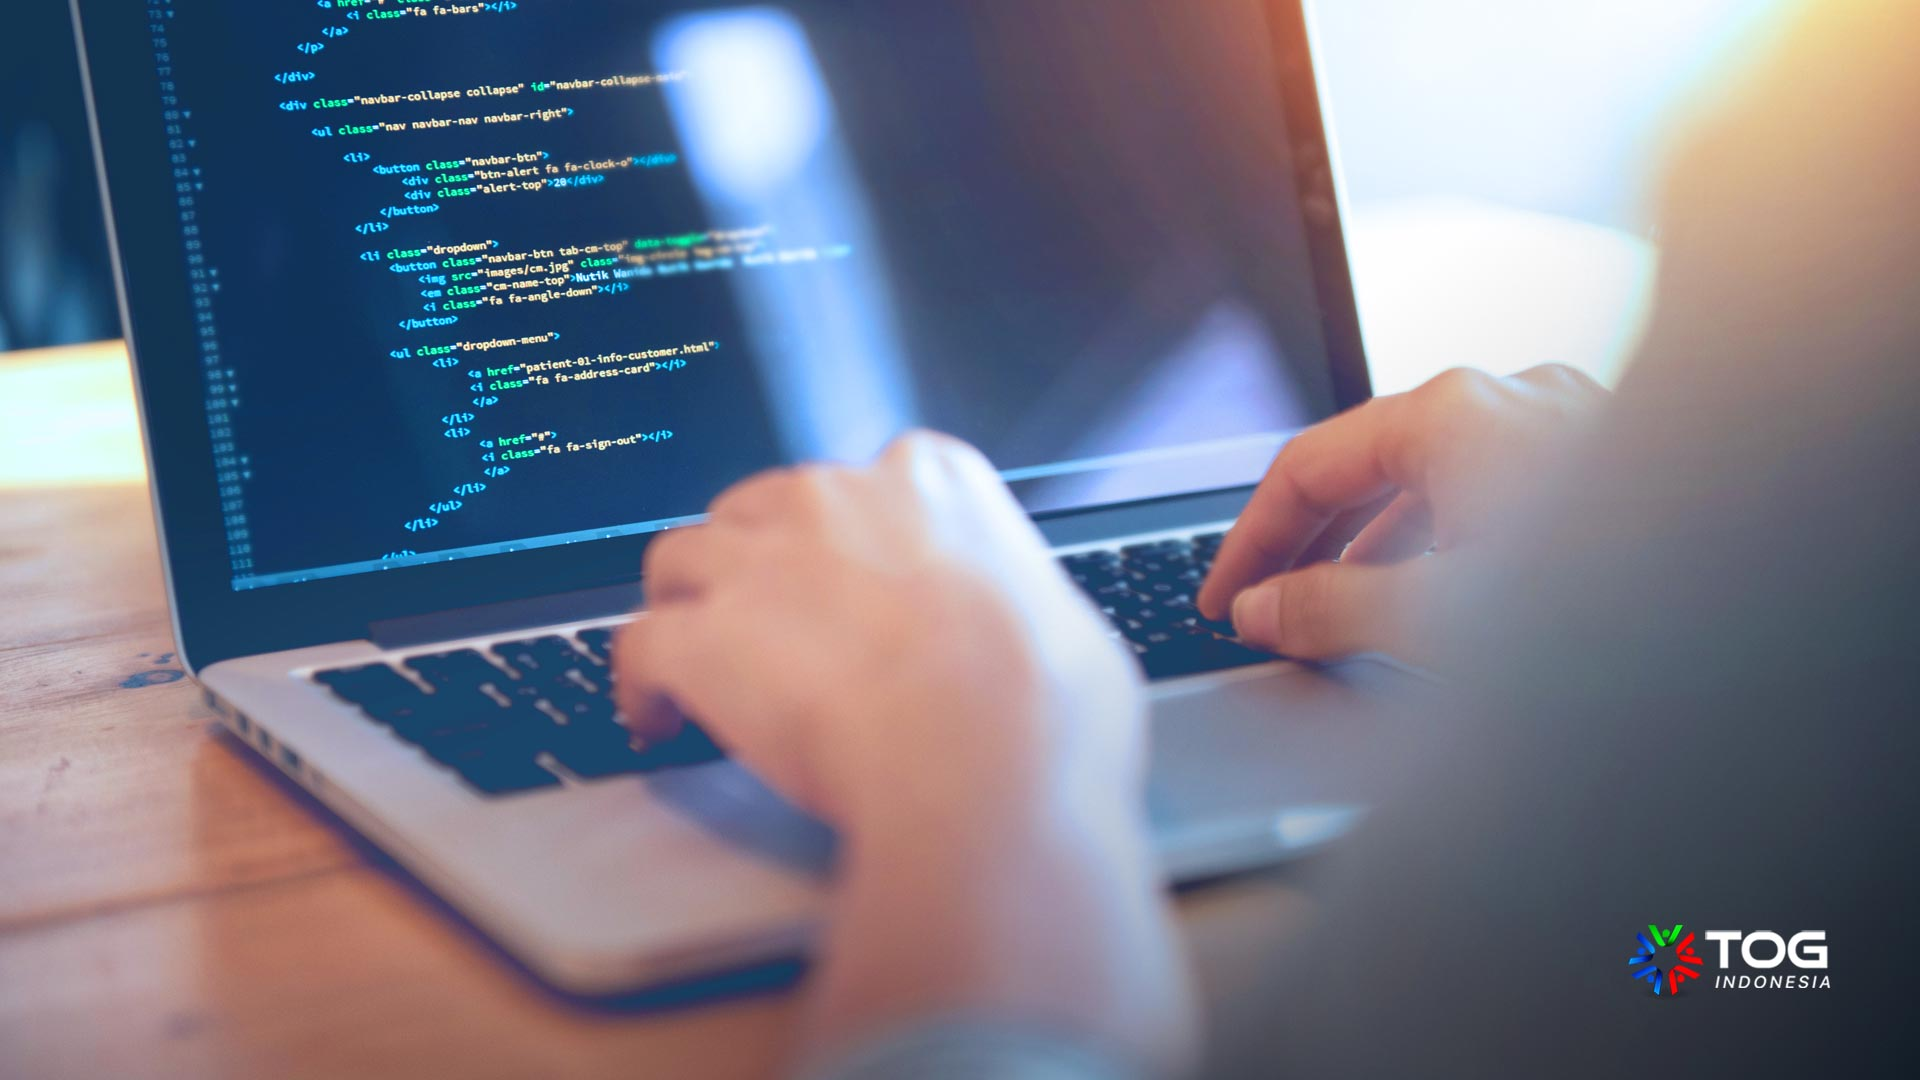 Mengenal SGML, Markup Language yang Wajib Dipelajari Programmer Pemula